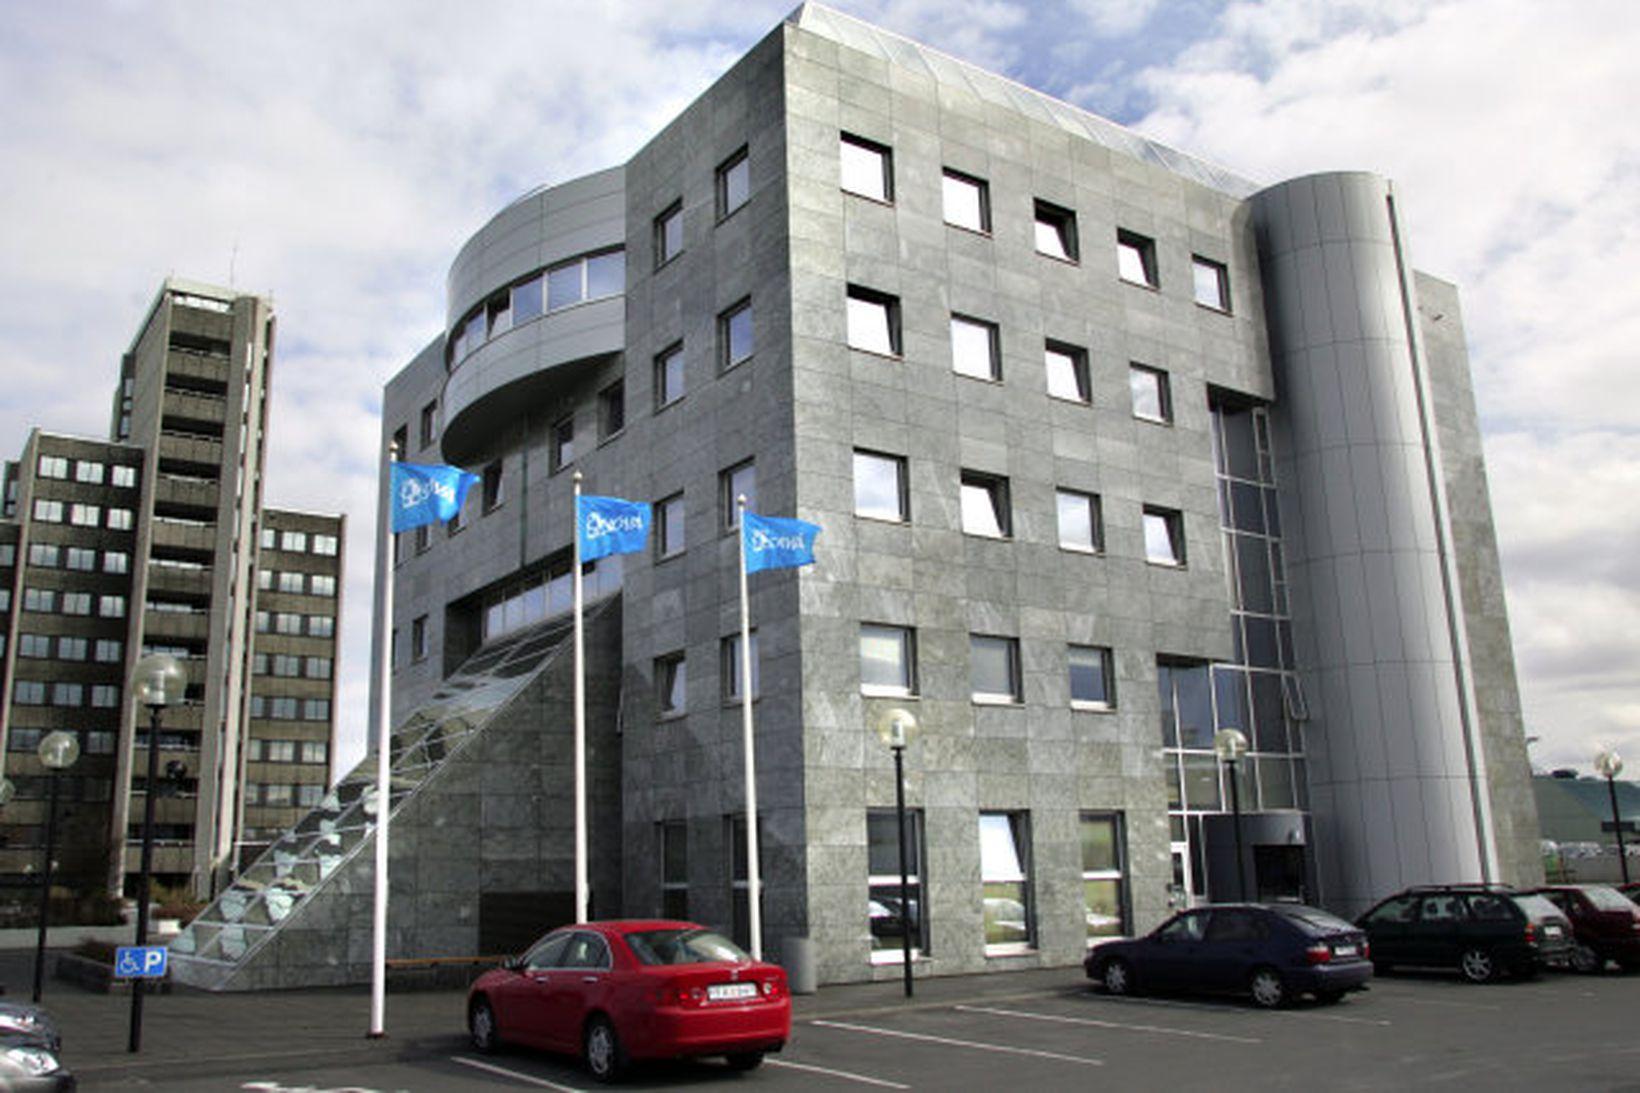 Höfuðstöðvar Sjóvár.